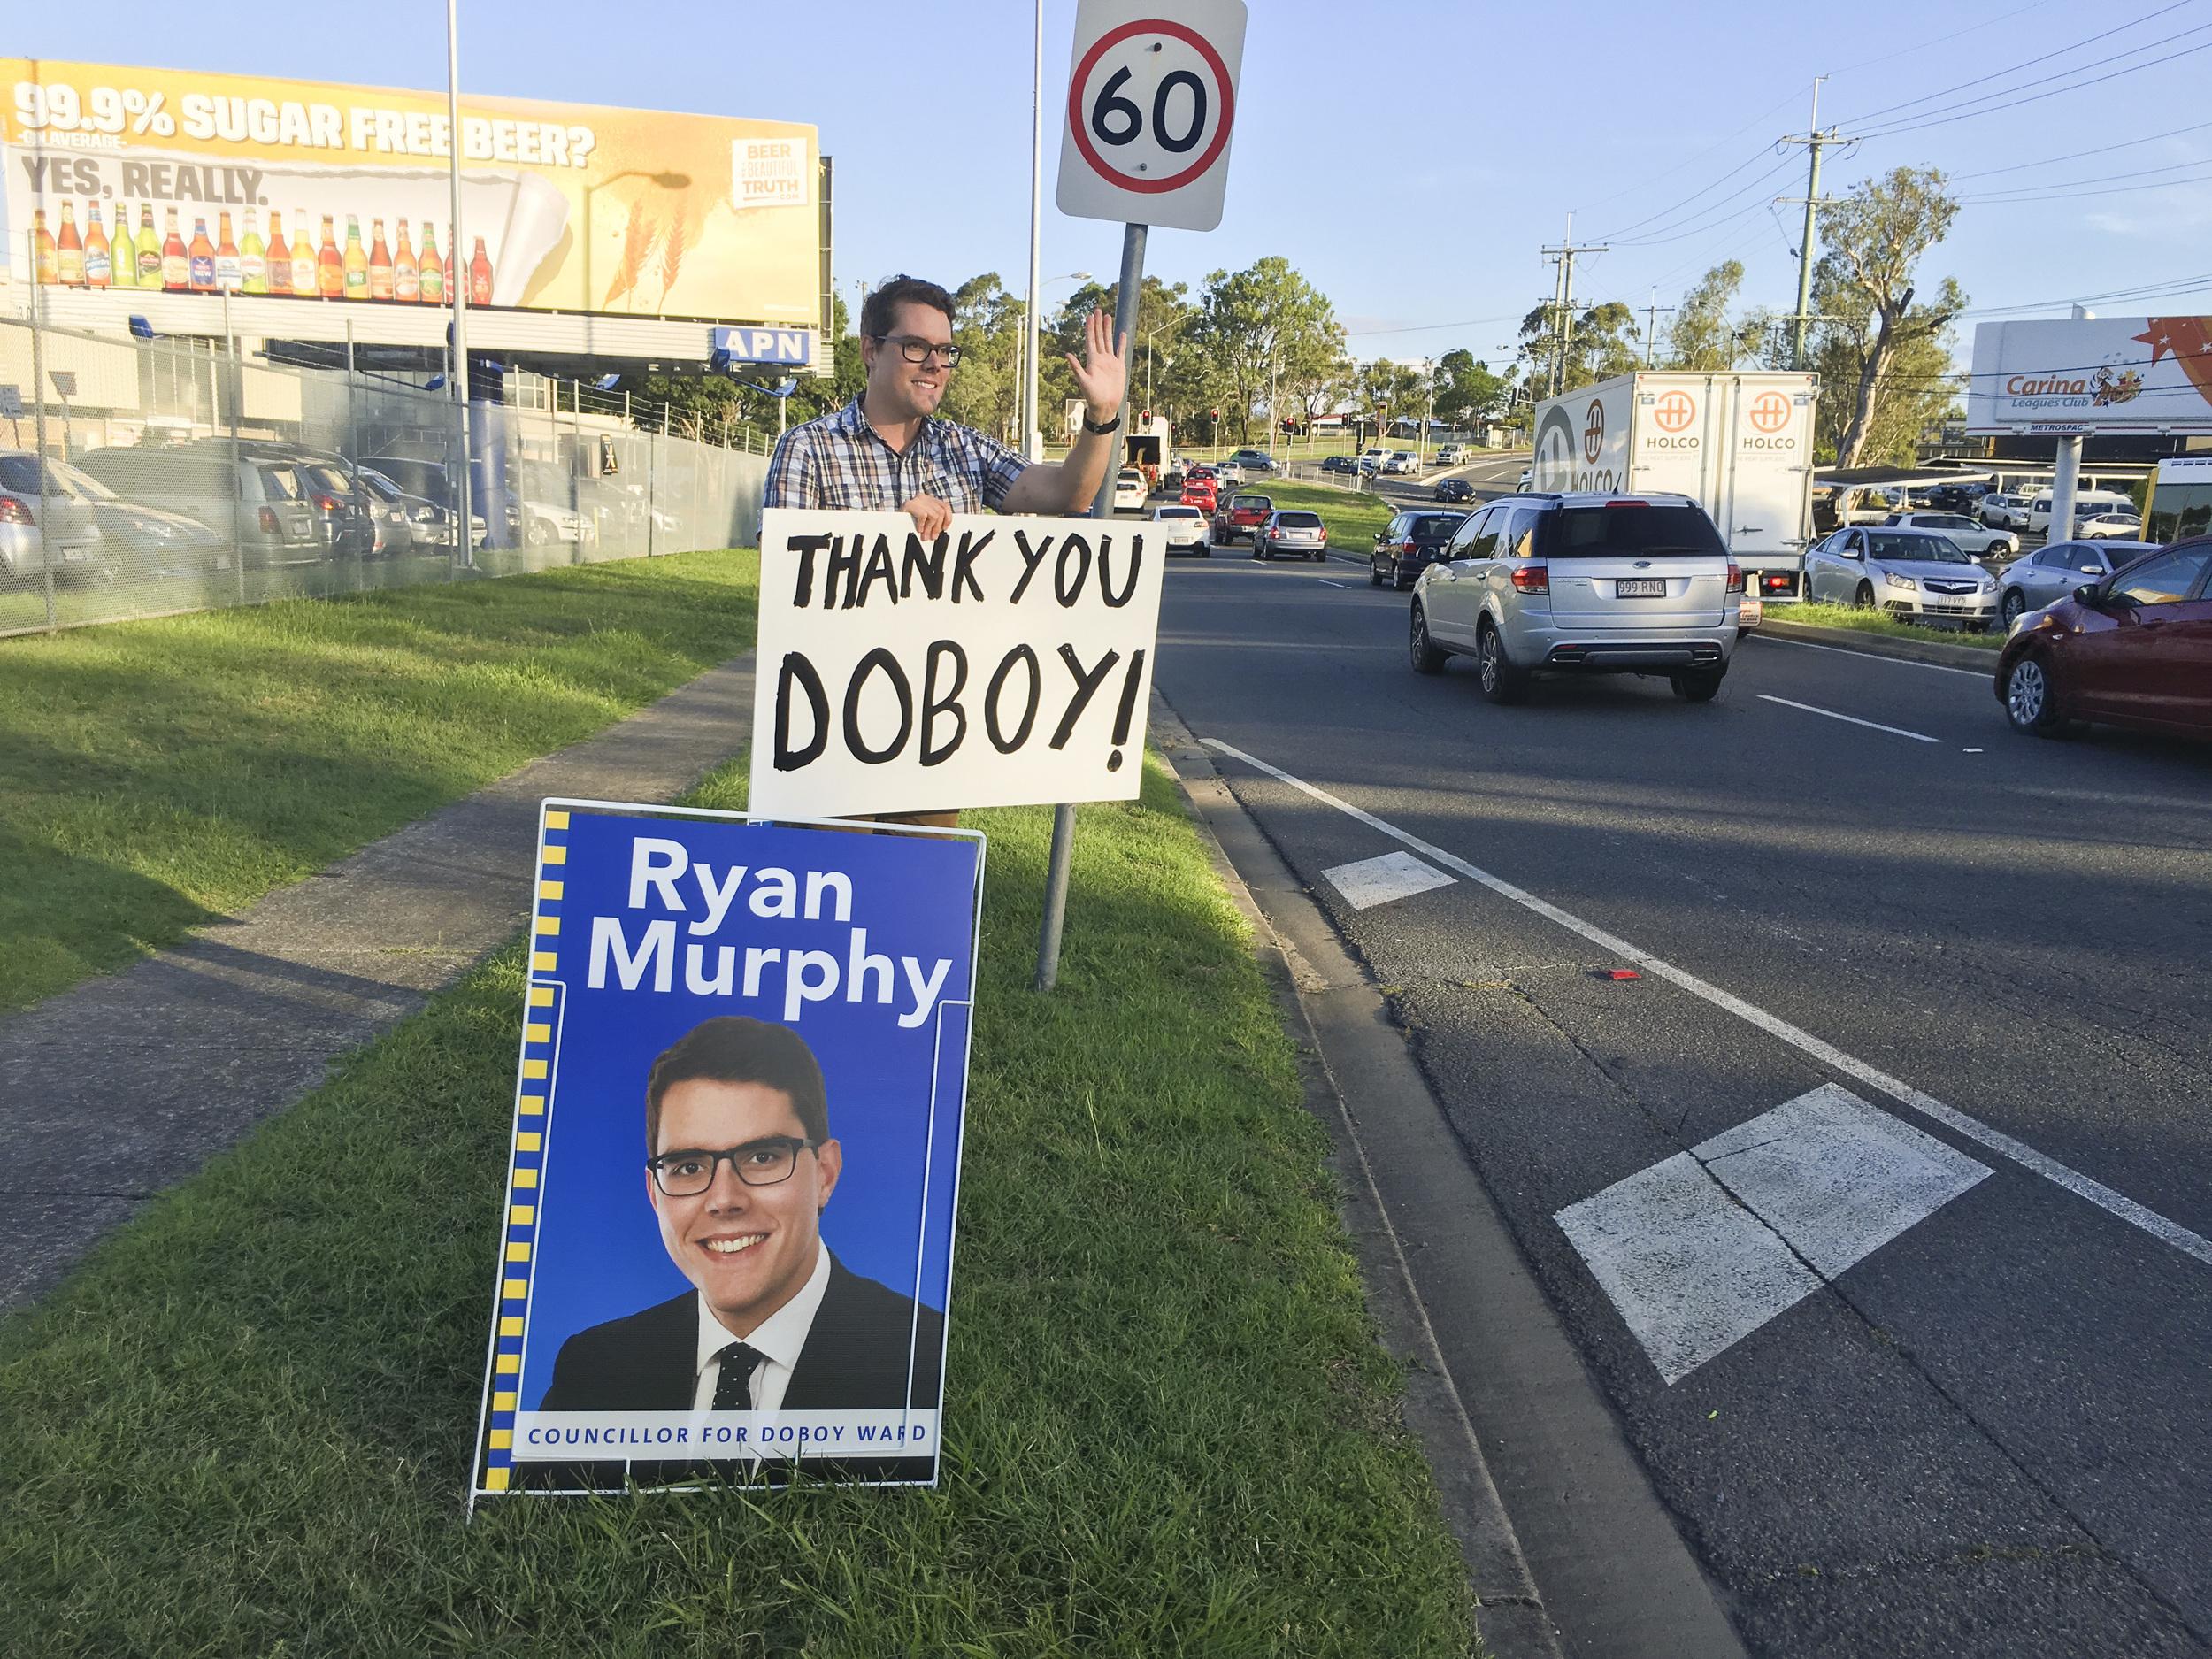 Ryan Murphy 2016 Thank you